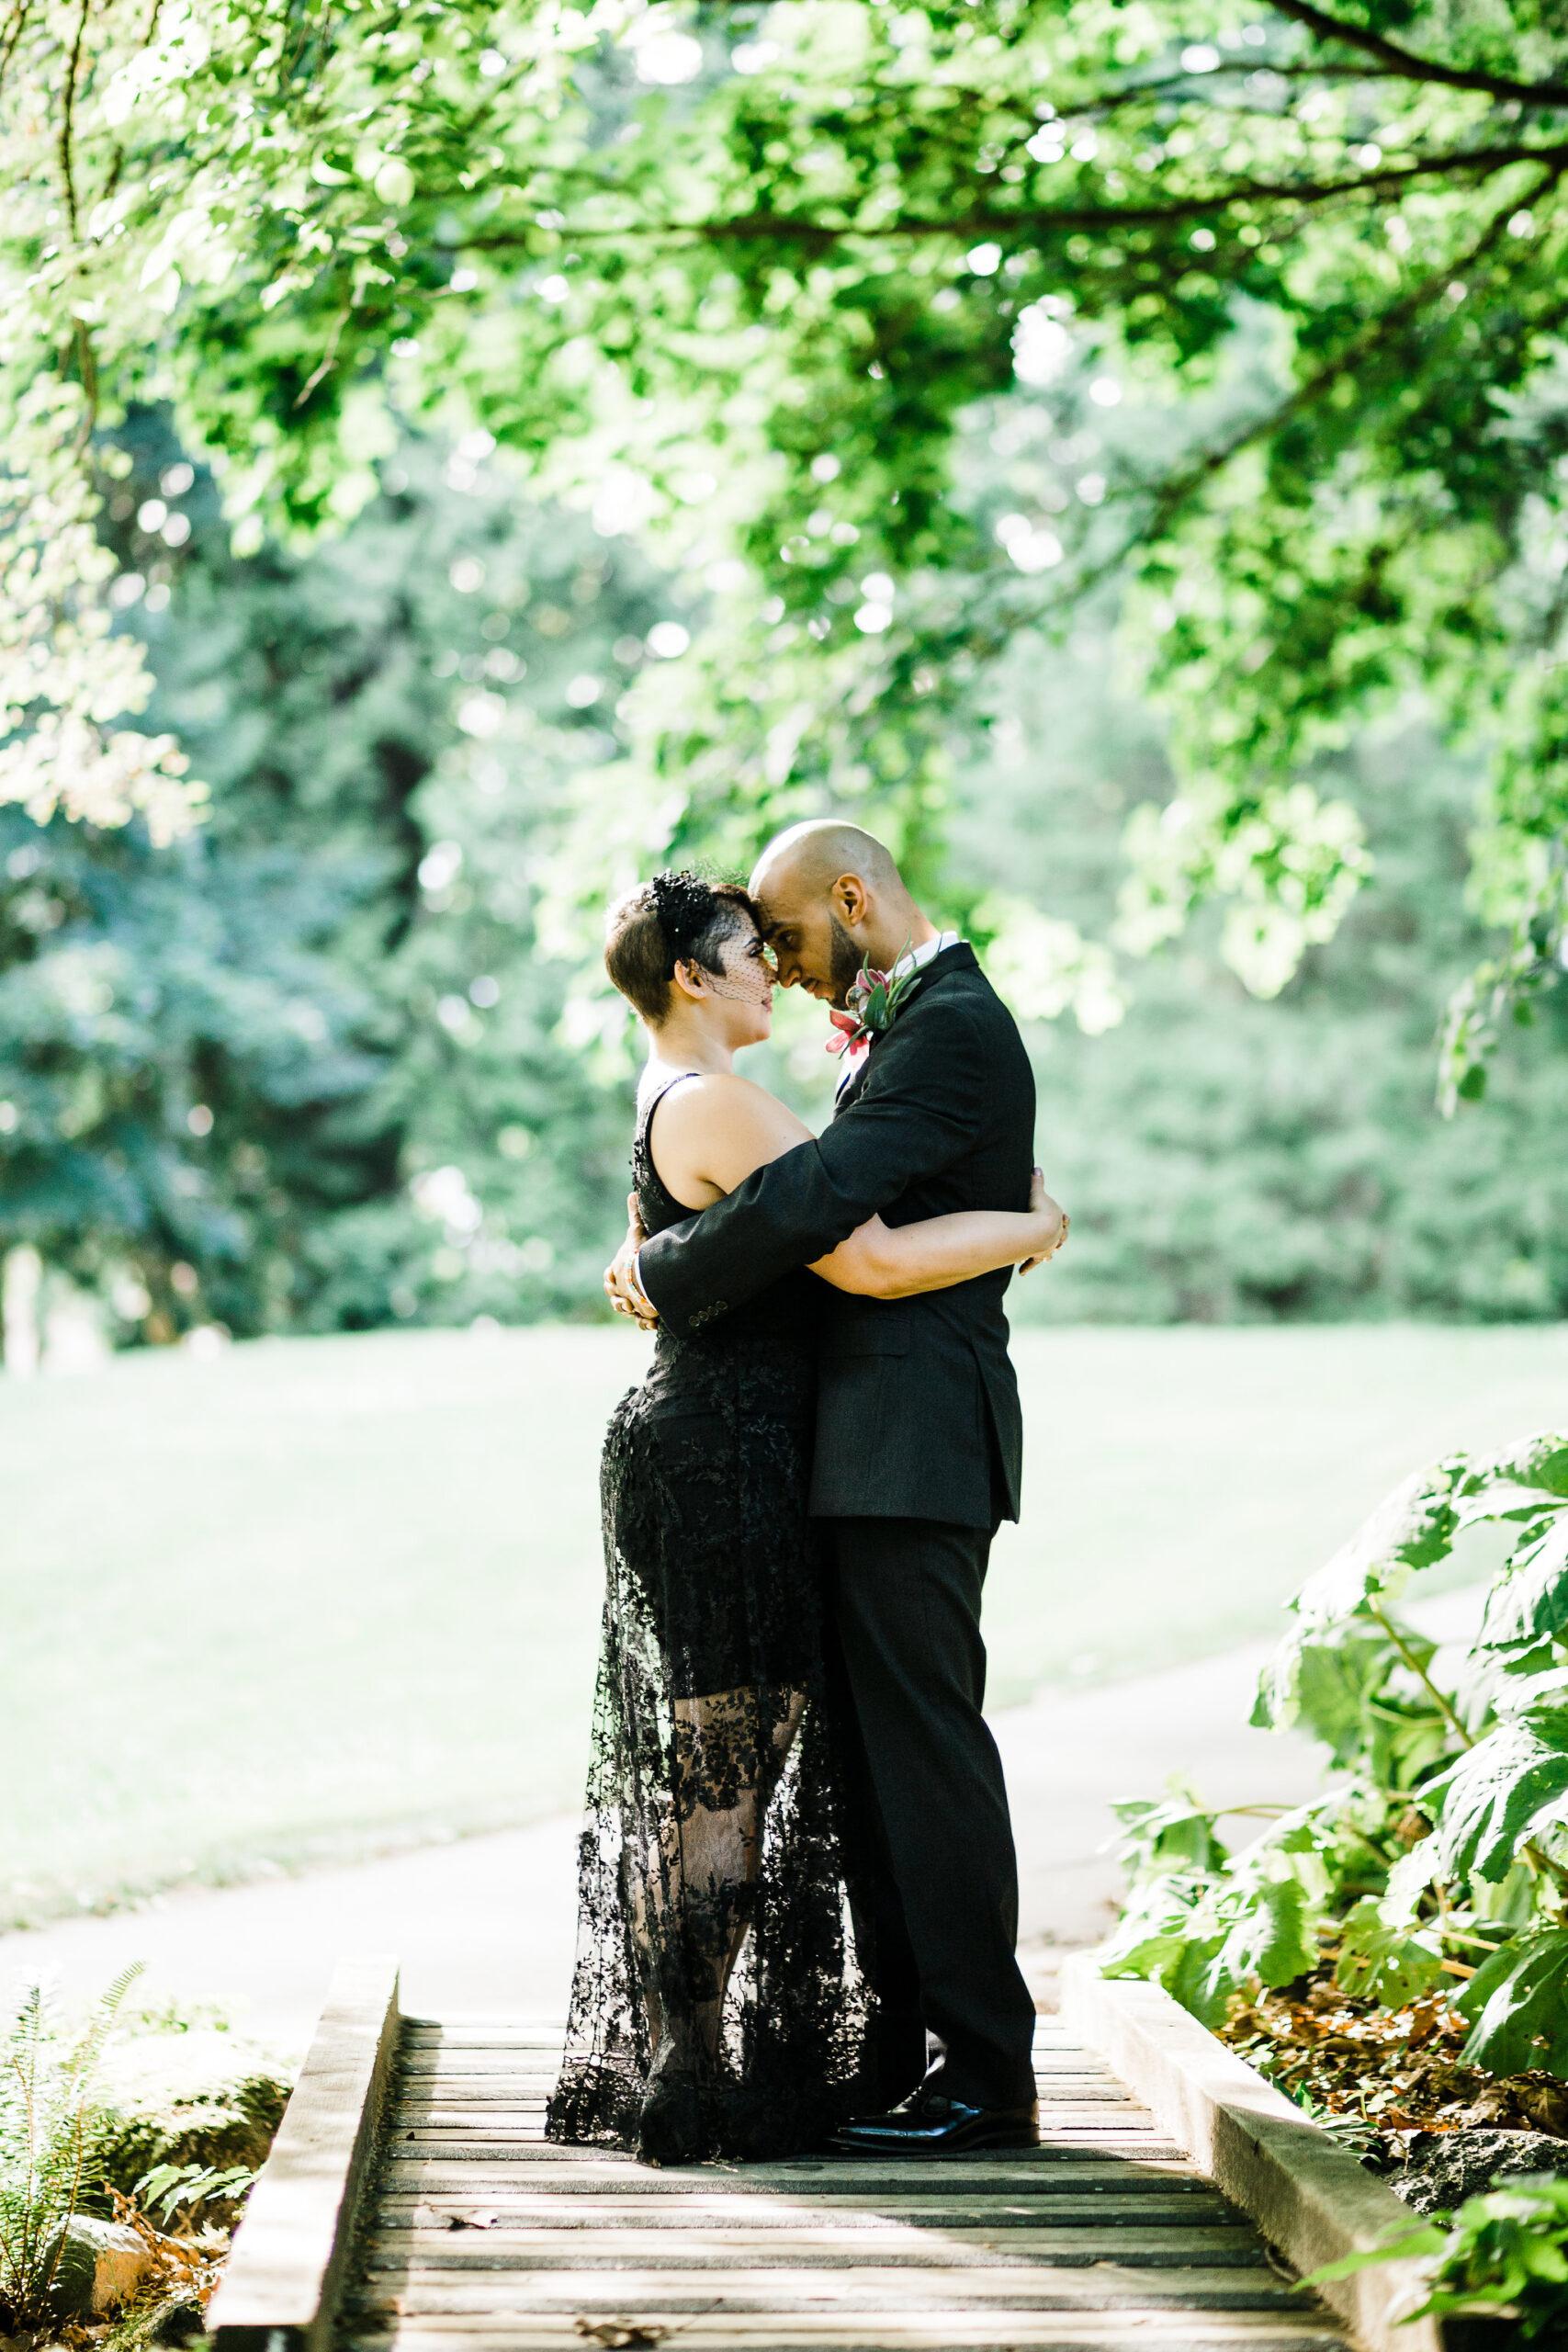 Vancouver elopement at Carisbrooke Park